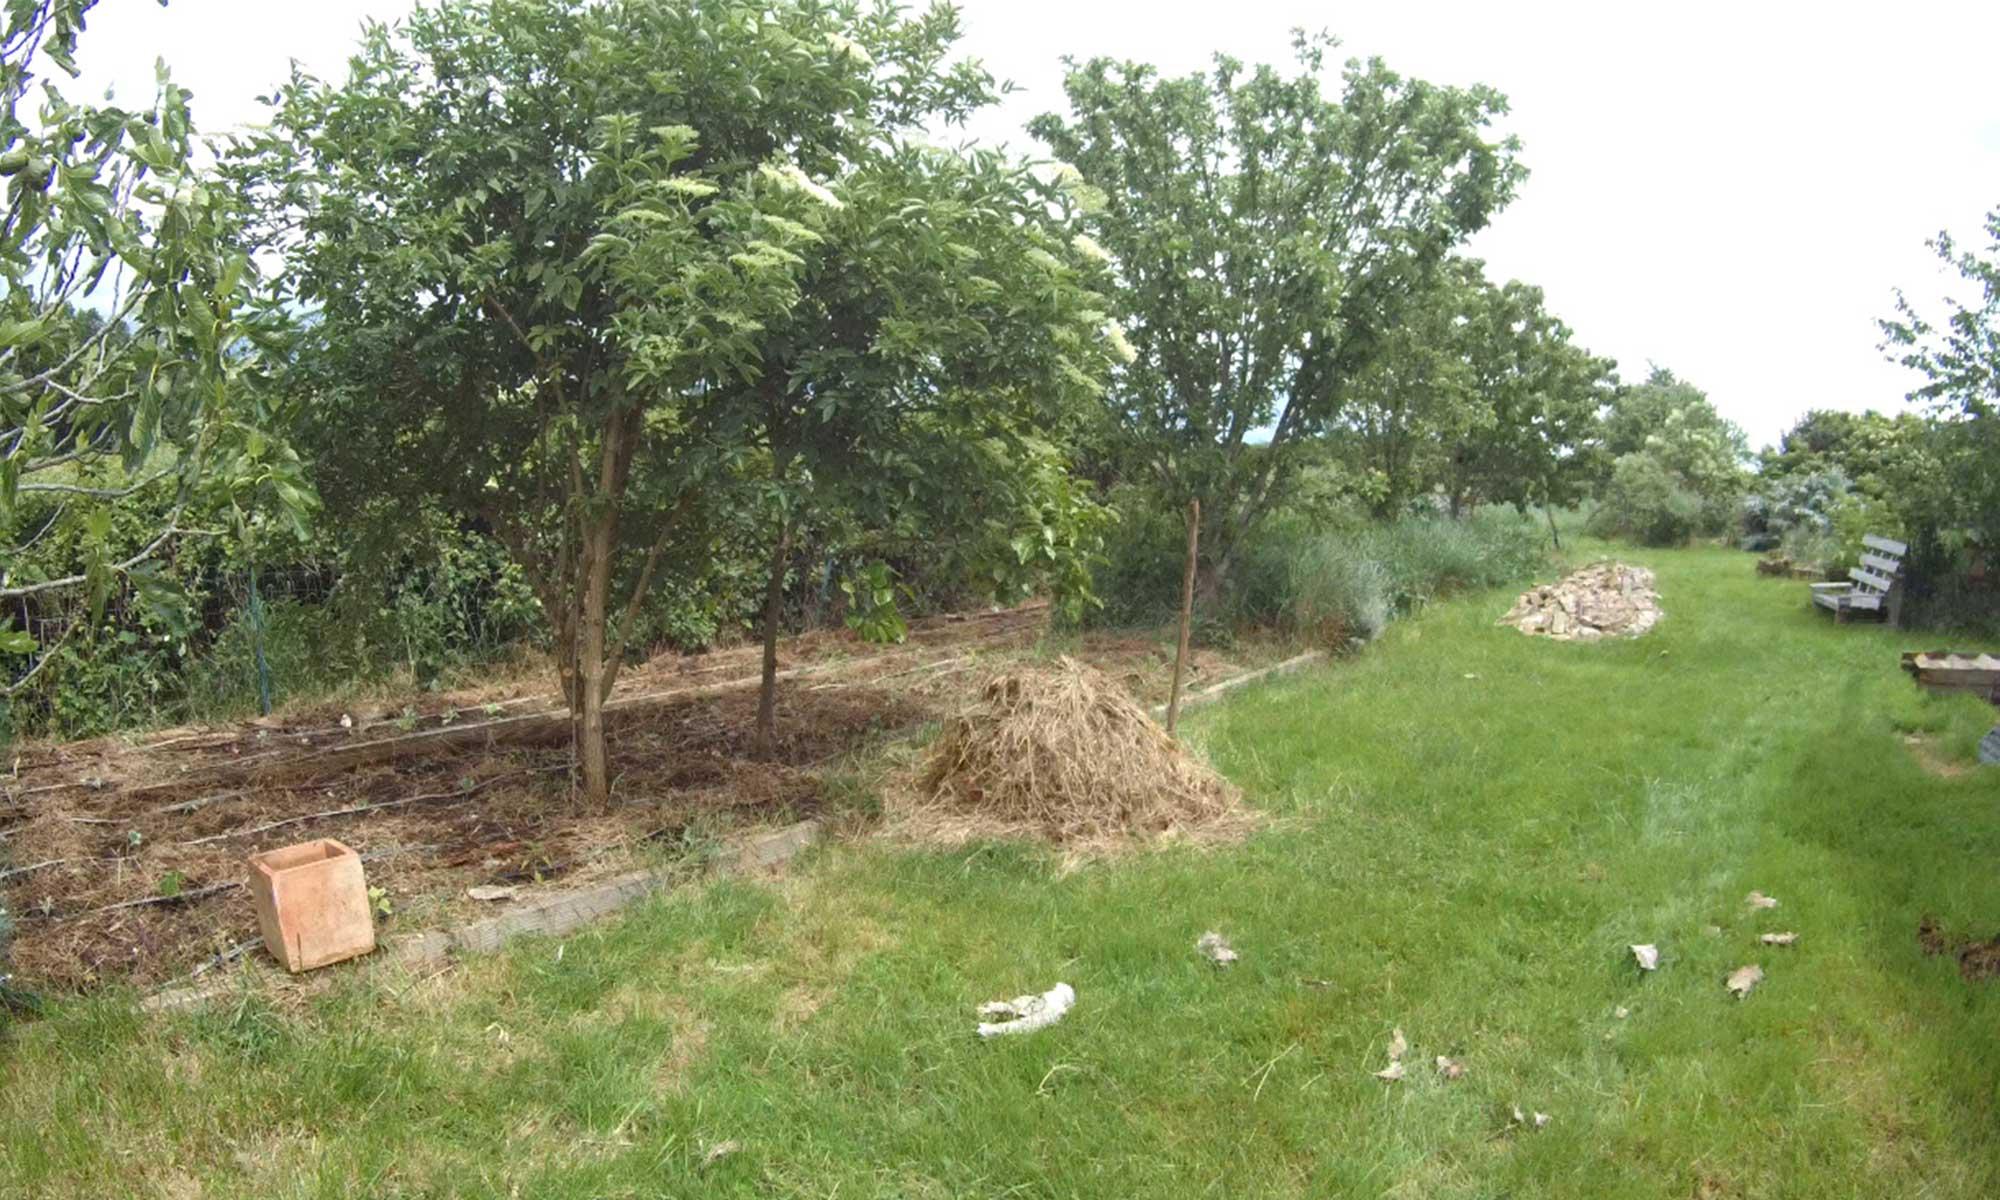 Co-création au jardin forêt de Baugnac, Lavalette.